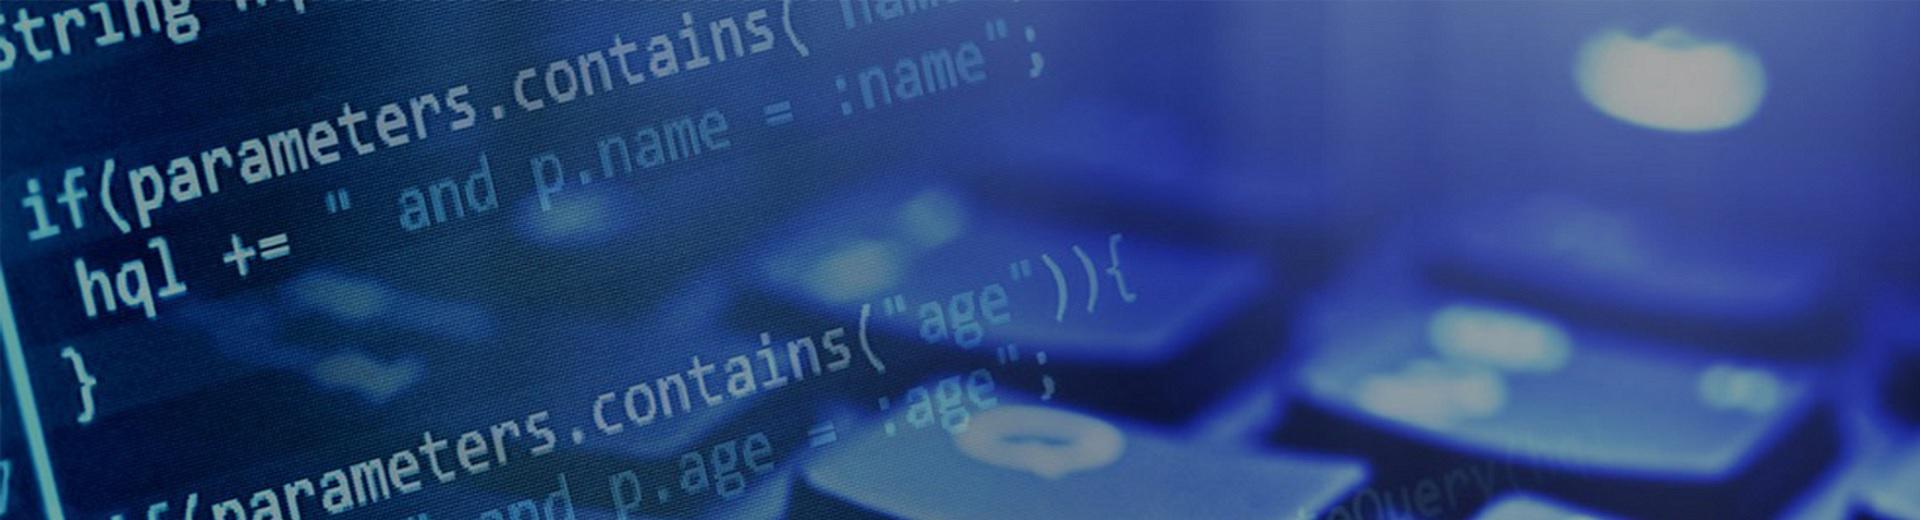 Портал КФУ \ Образование \ Институт физики \ Абитуриенту \ Направления обучения \ Информационная безопасность автоматизированных систем